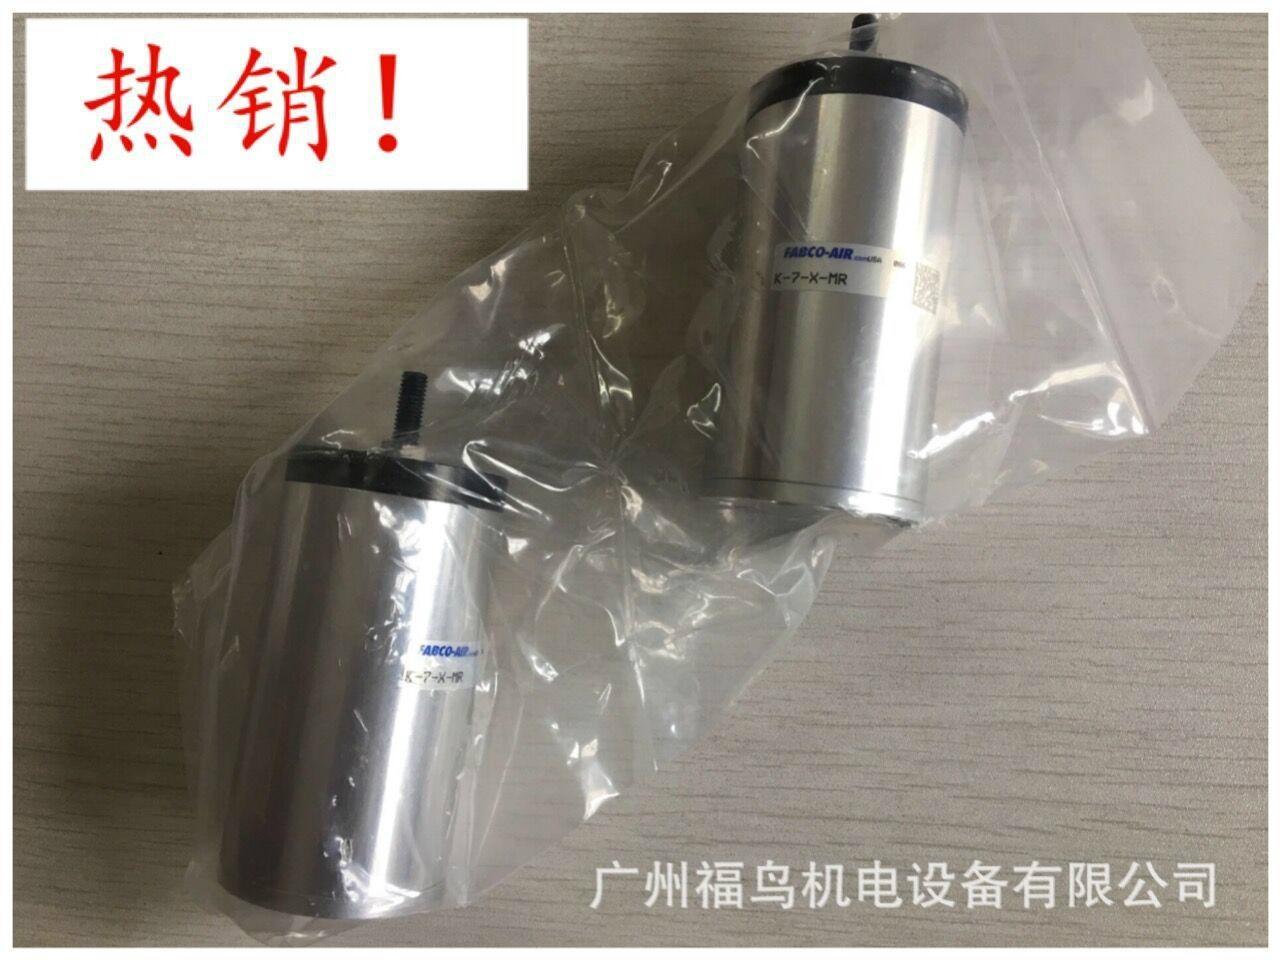 FABCO-AIR氣缸, 型號: K-7-X-MR